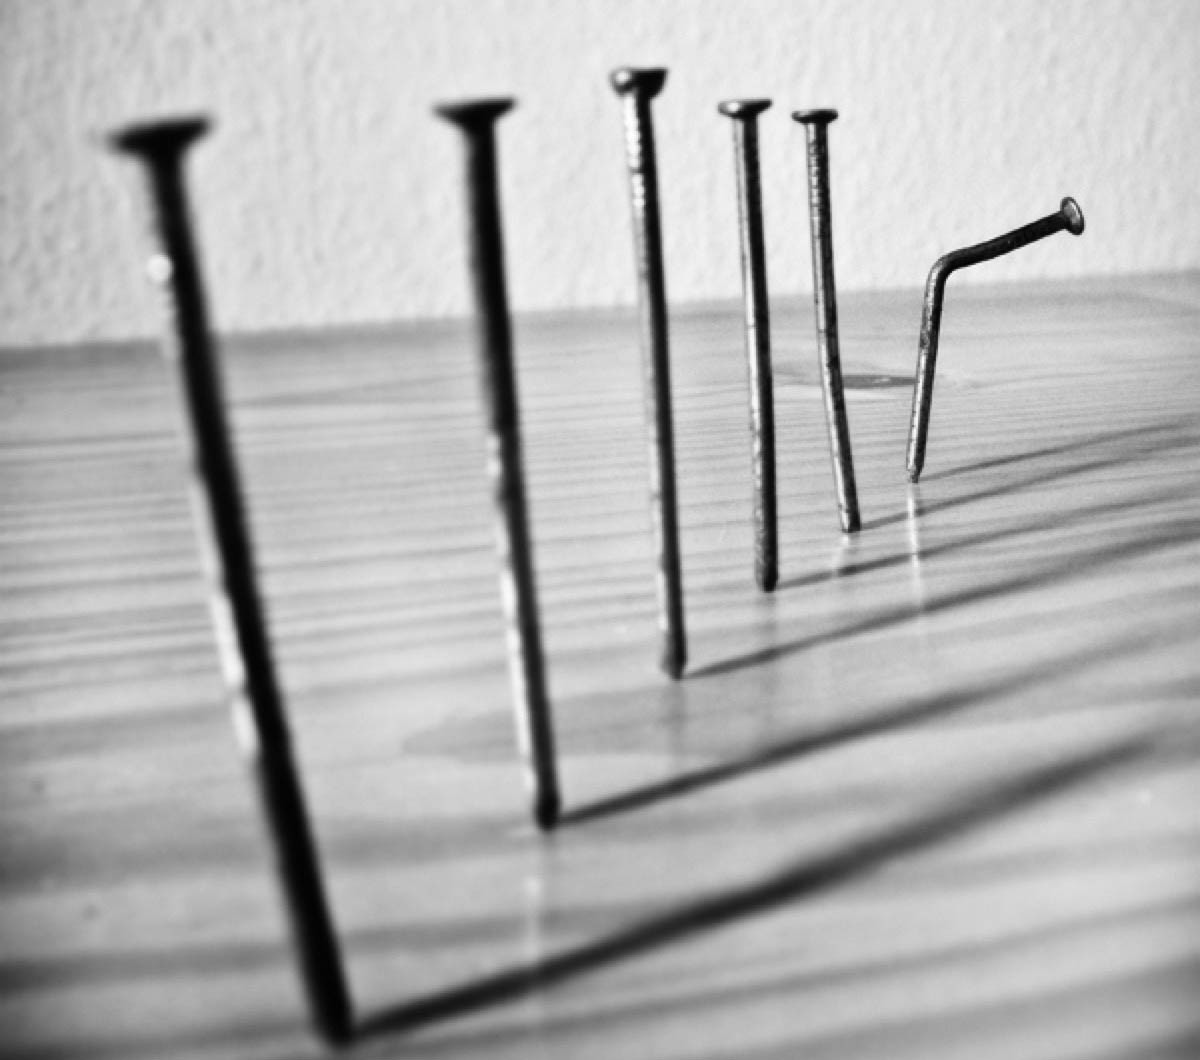 Bem-vinda imperfeição. Abro a porta para ela entrar… | by Nalini  Vasconcelos | Revista in-Cômoda | Medium